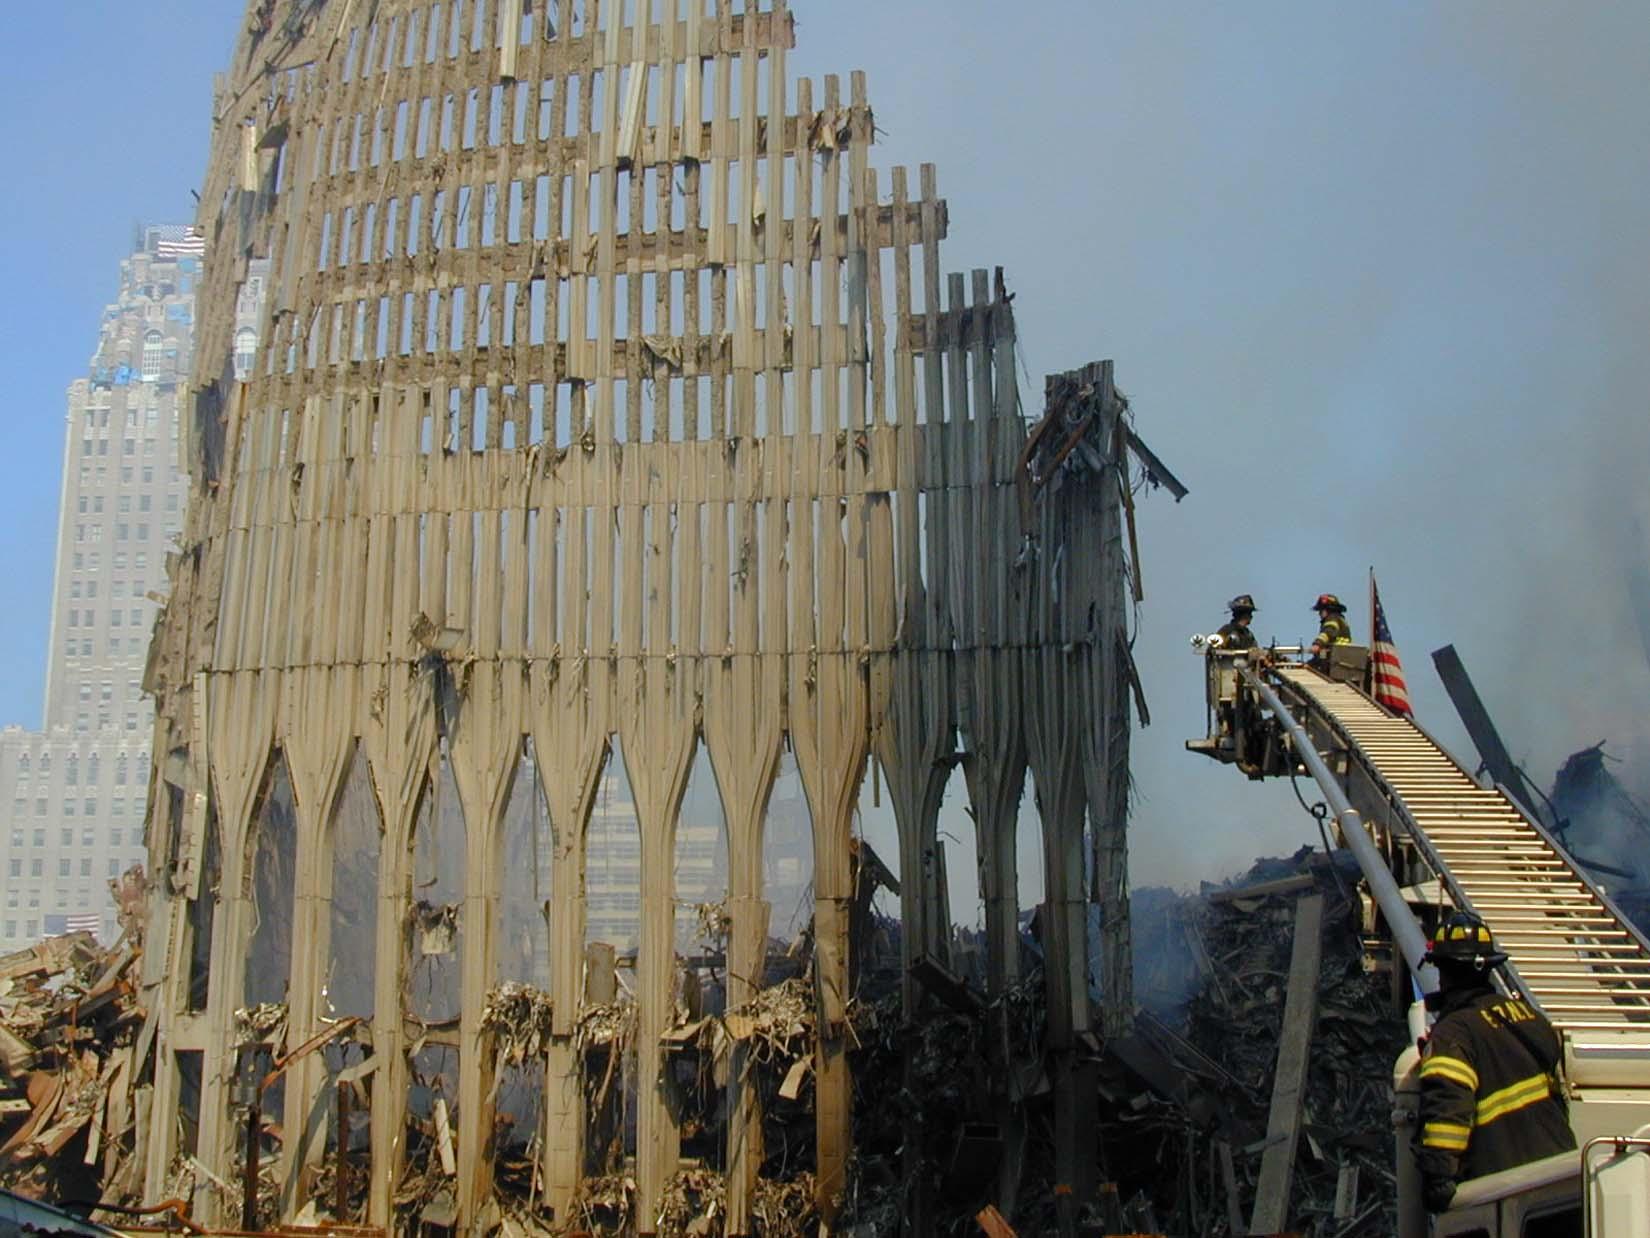 FAKTA: Næsten 3000 mistede livet i 9/11-angreb